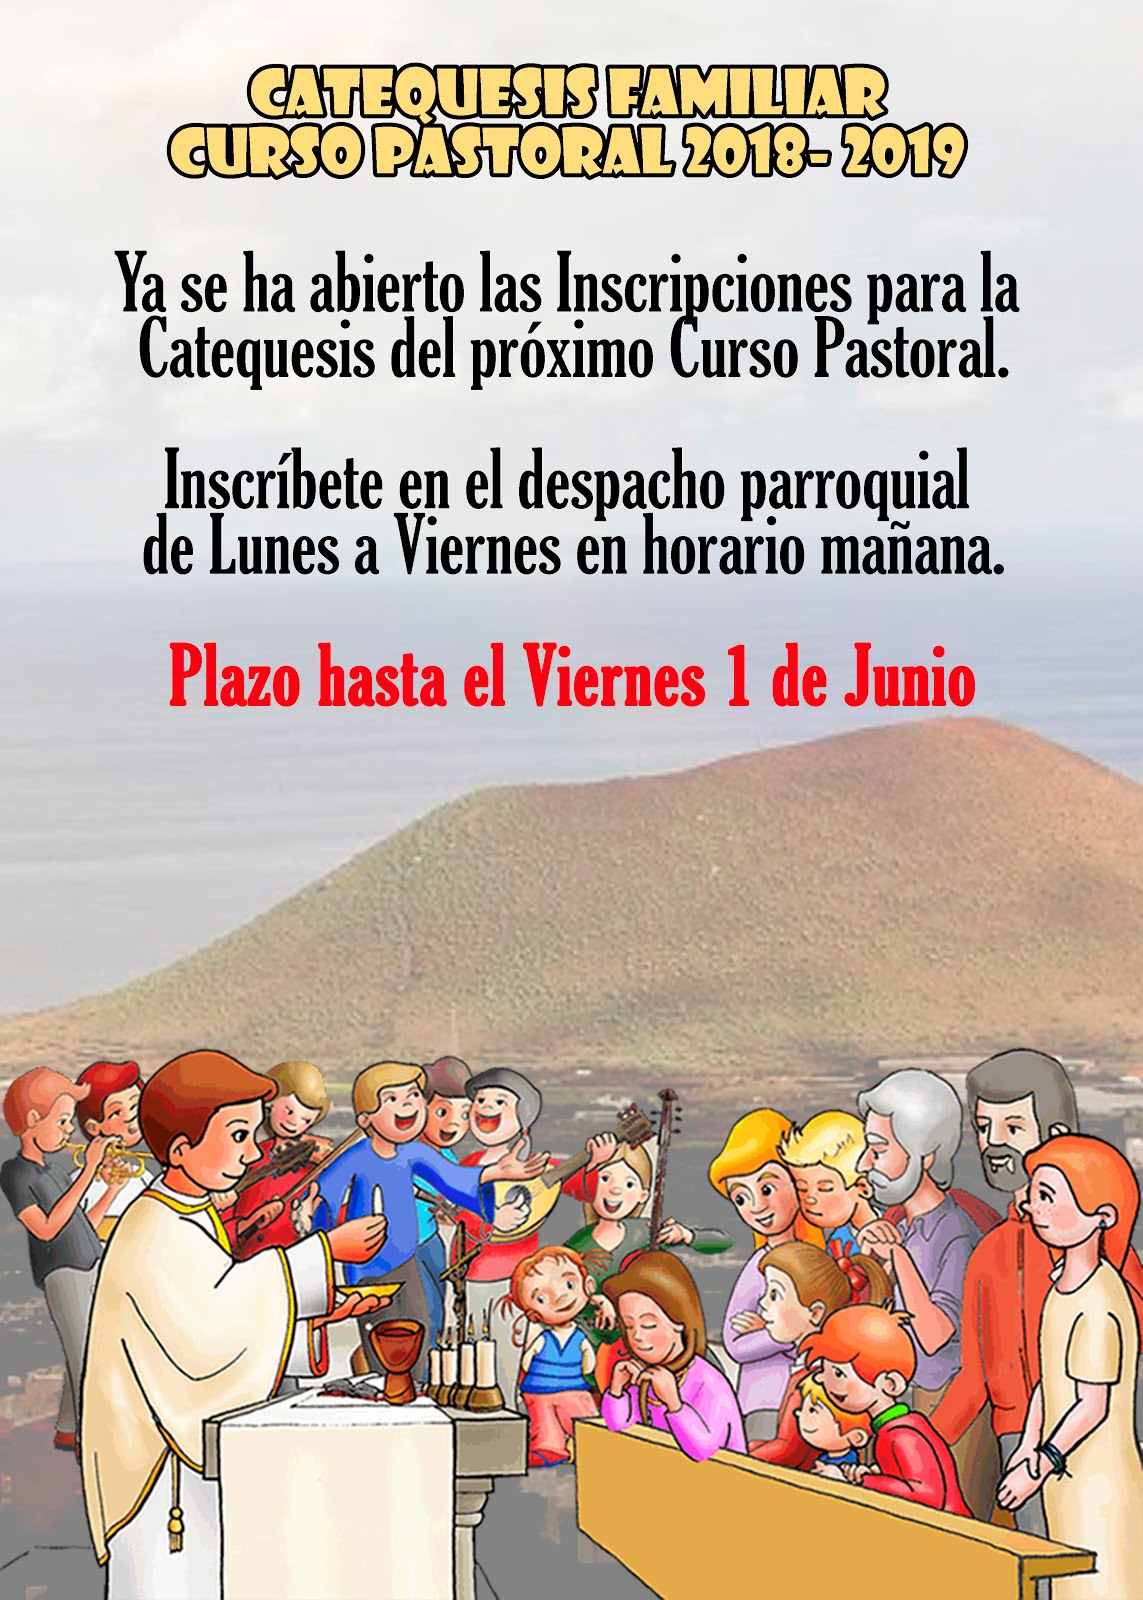 Inscripción a la Catequesis para el Curso Pastoral 2018 / 2019. Pincha en el cartel